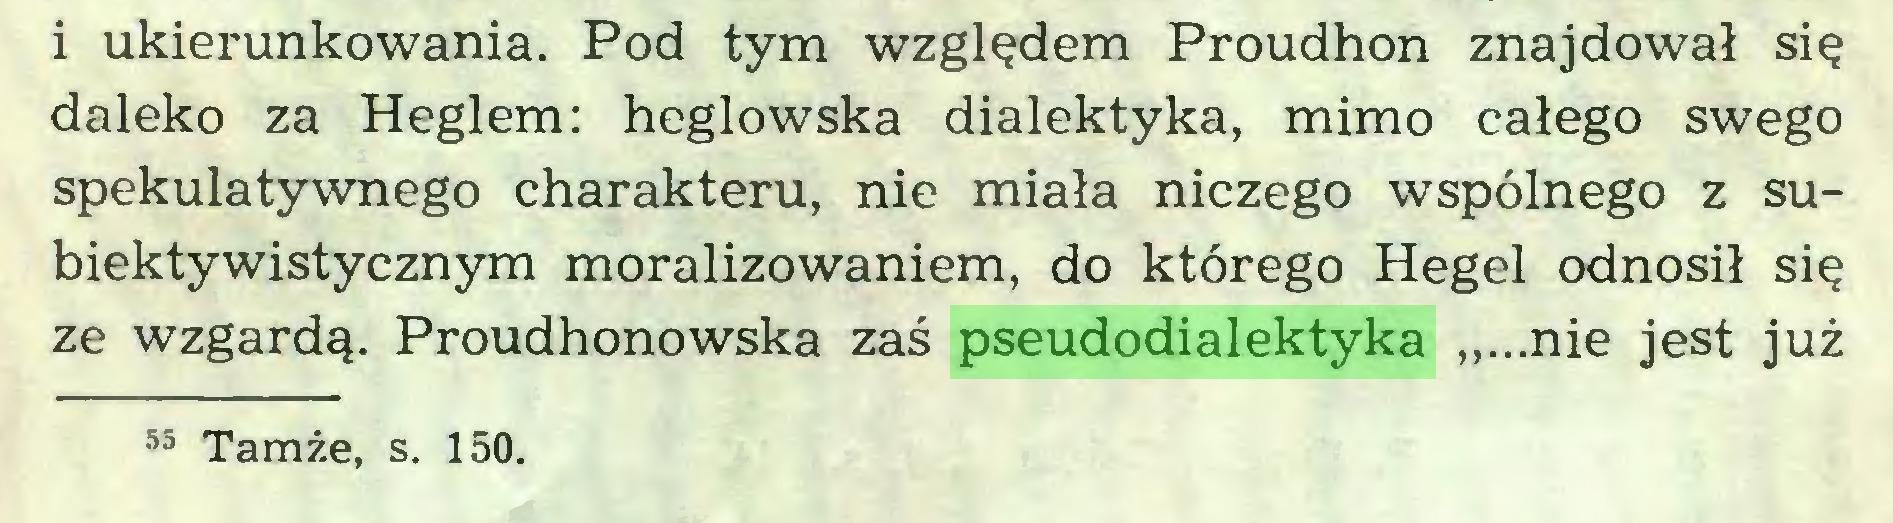 """(...) i ukierunkowania. Pod tym względem Proudhon znajdował się daleko za Heglem: heglowska dialektyka, mimo całego swego spekulatywnego charakteru, nie miała niczego wspólnego z subiektywistycznym moralizowaniem, do którego Hegel odnosił się ze wzgardą. Proudhonowska zaś pseudodialektyka """"...nie jest już 55 Tamże, s. 150..."""